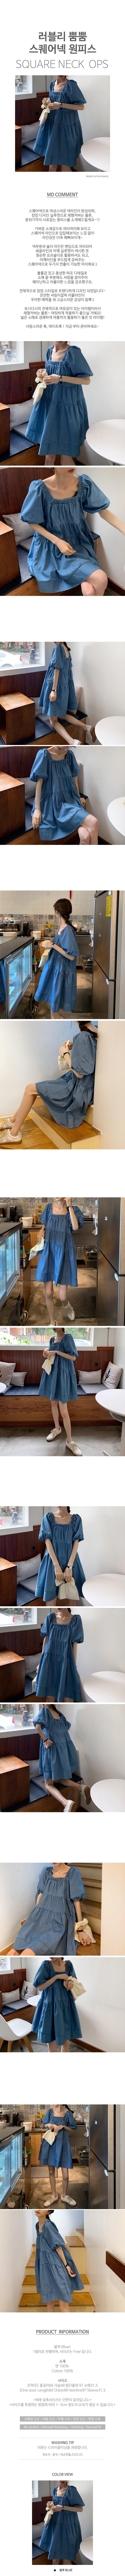 러블리 뿜뿜 스퀘어넥 원피스 (mops1415) - 드레스날다, 30,800원, 원피스, 미니원피스